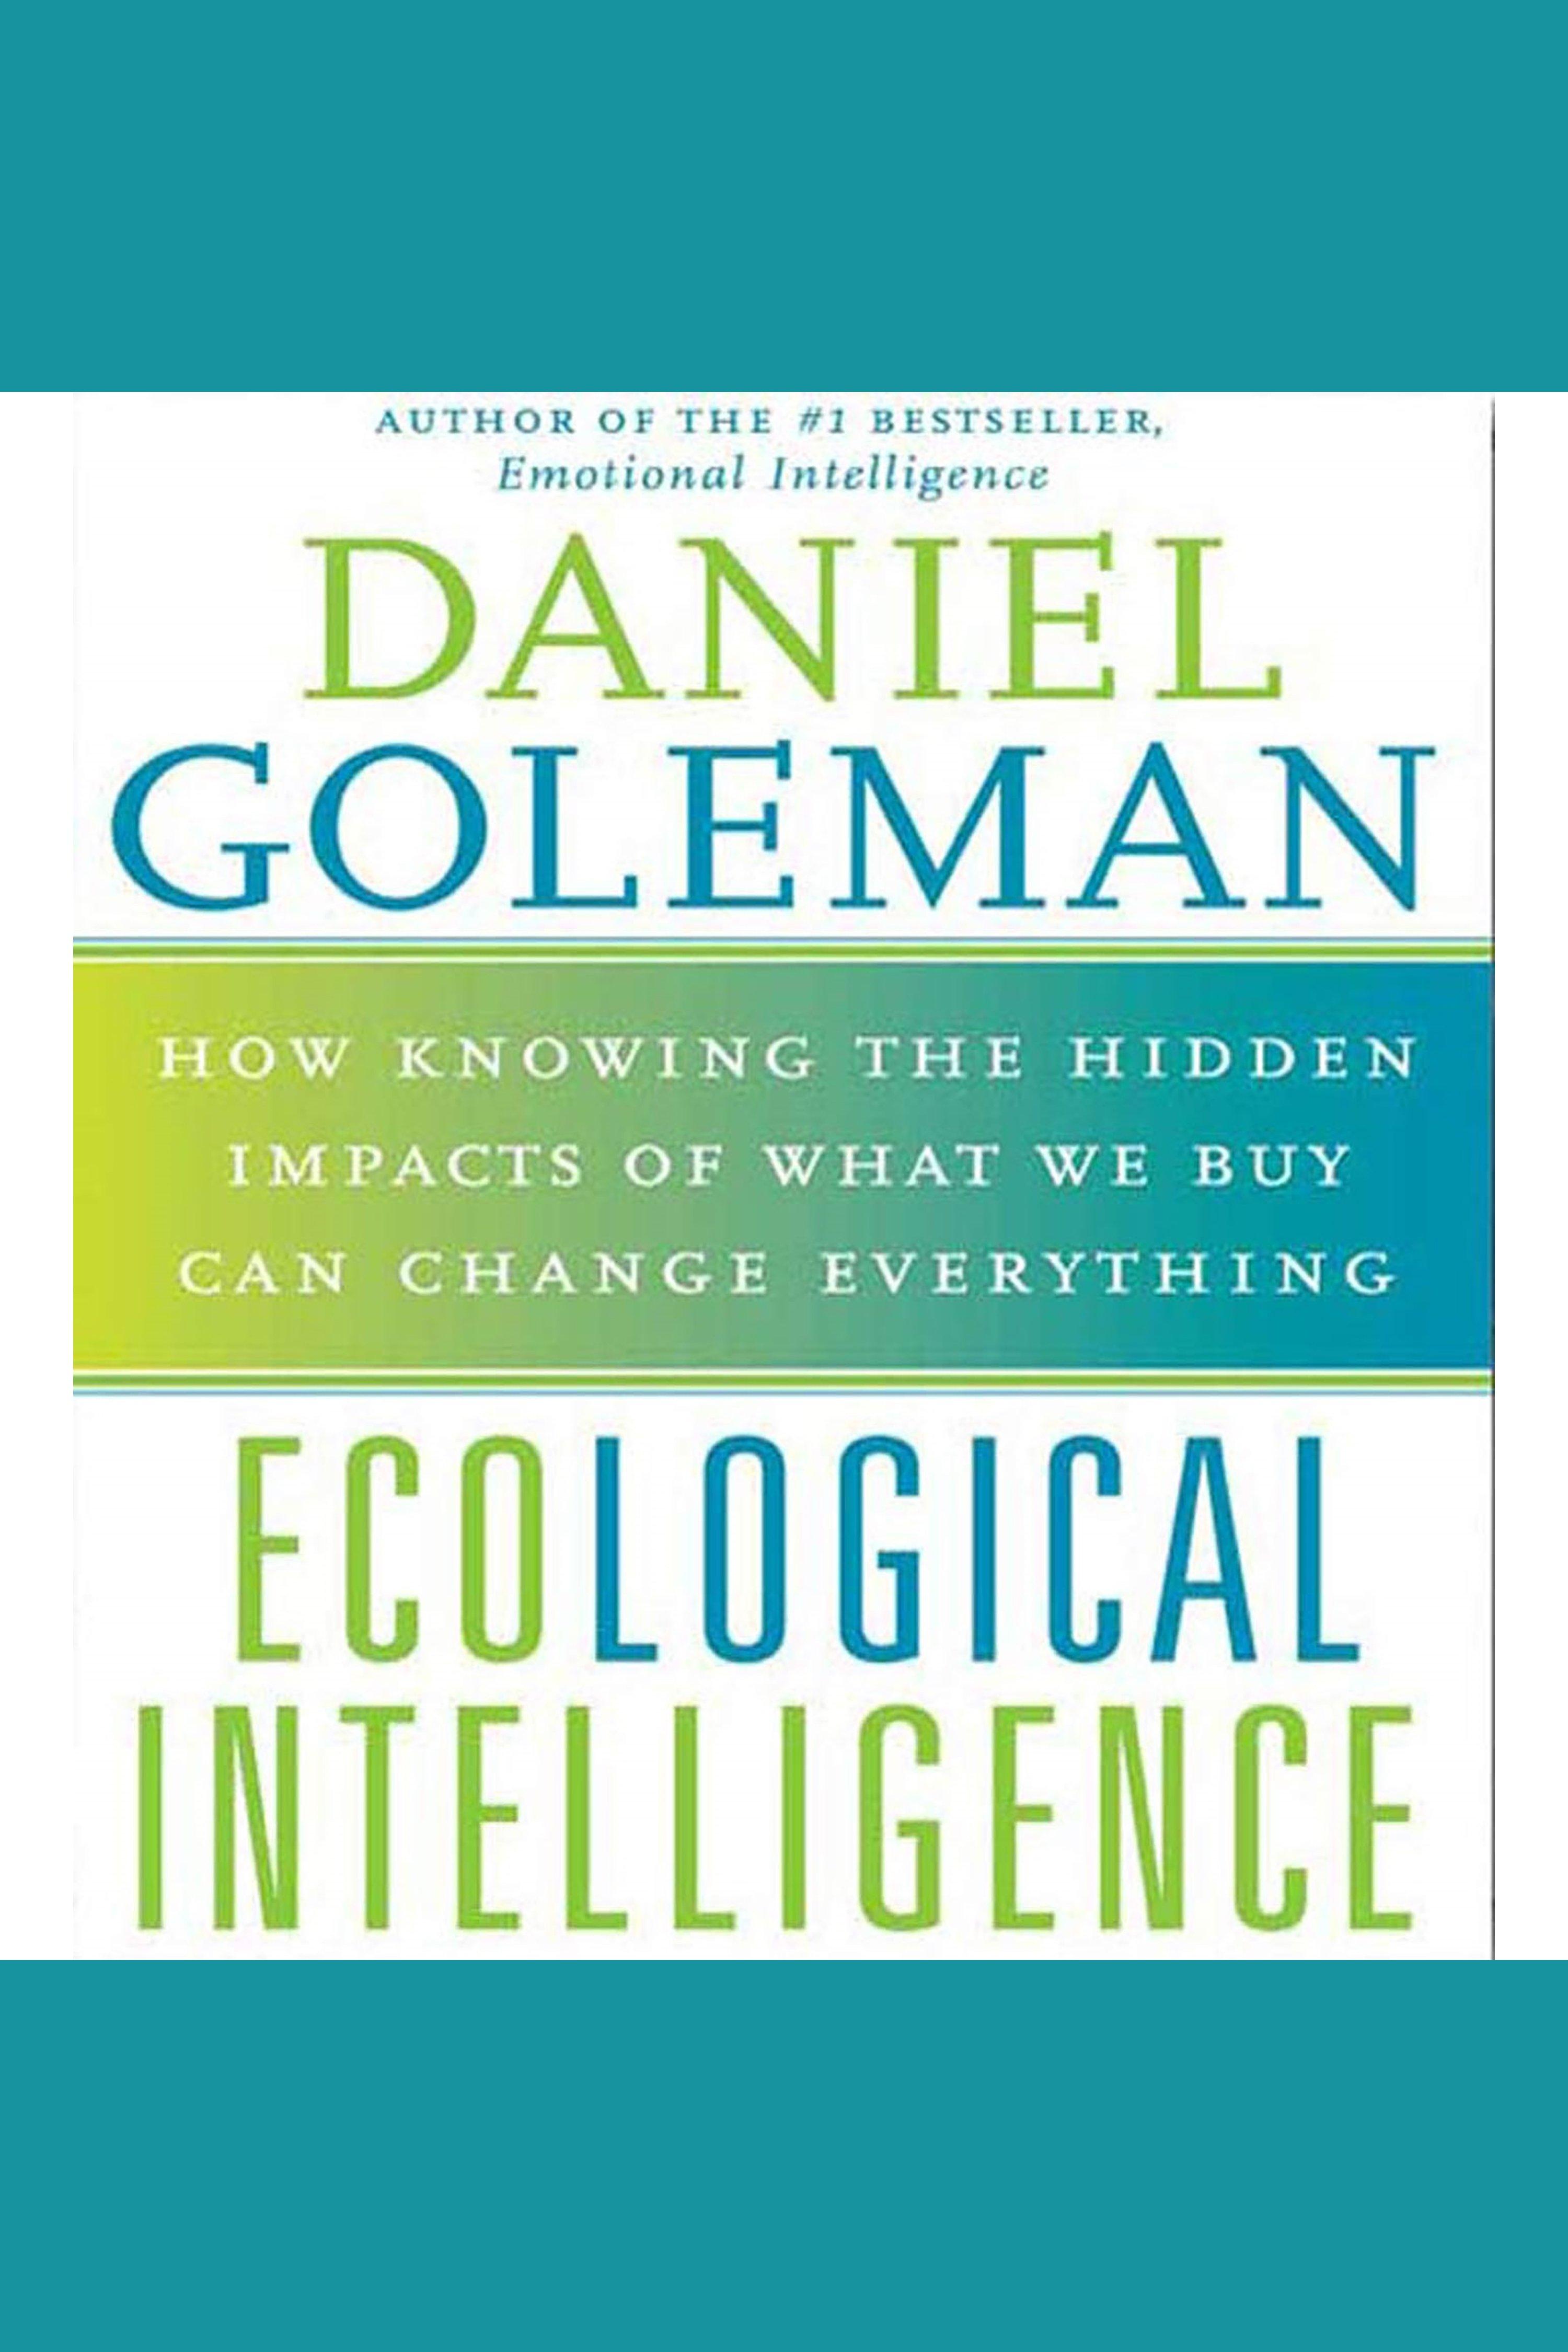 Esta es la portada del audiolibro Ecological Intelligence